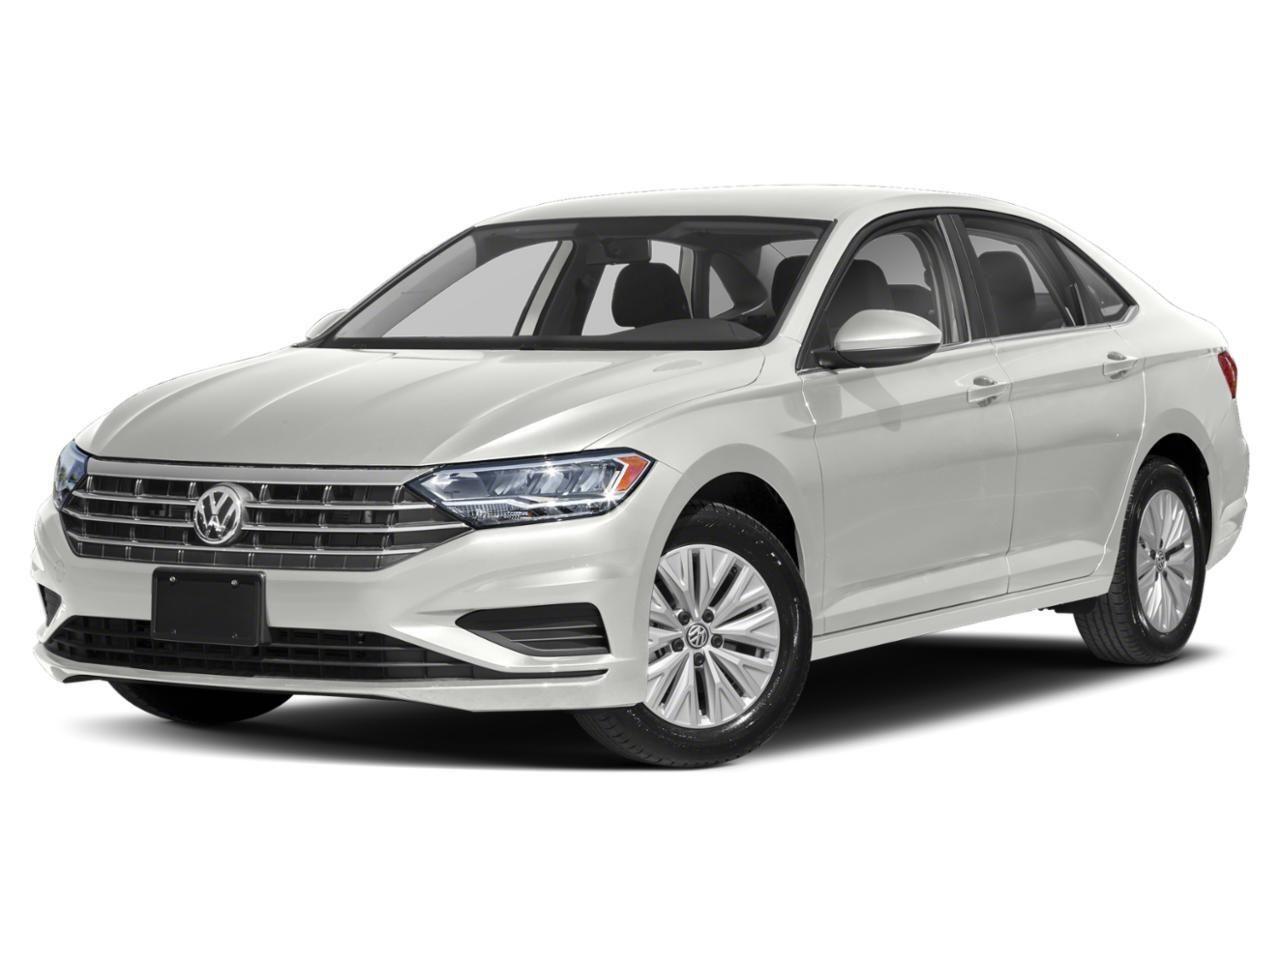 2019 Volkswagen Jetta Image